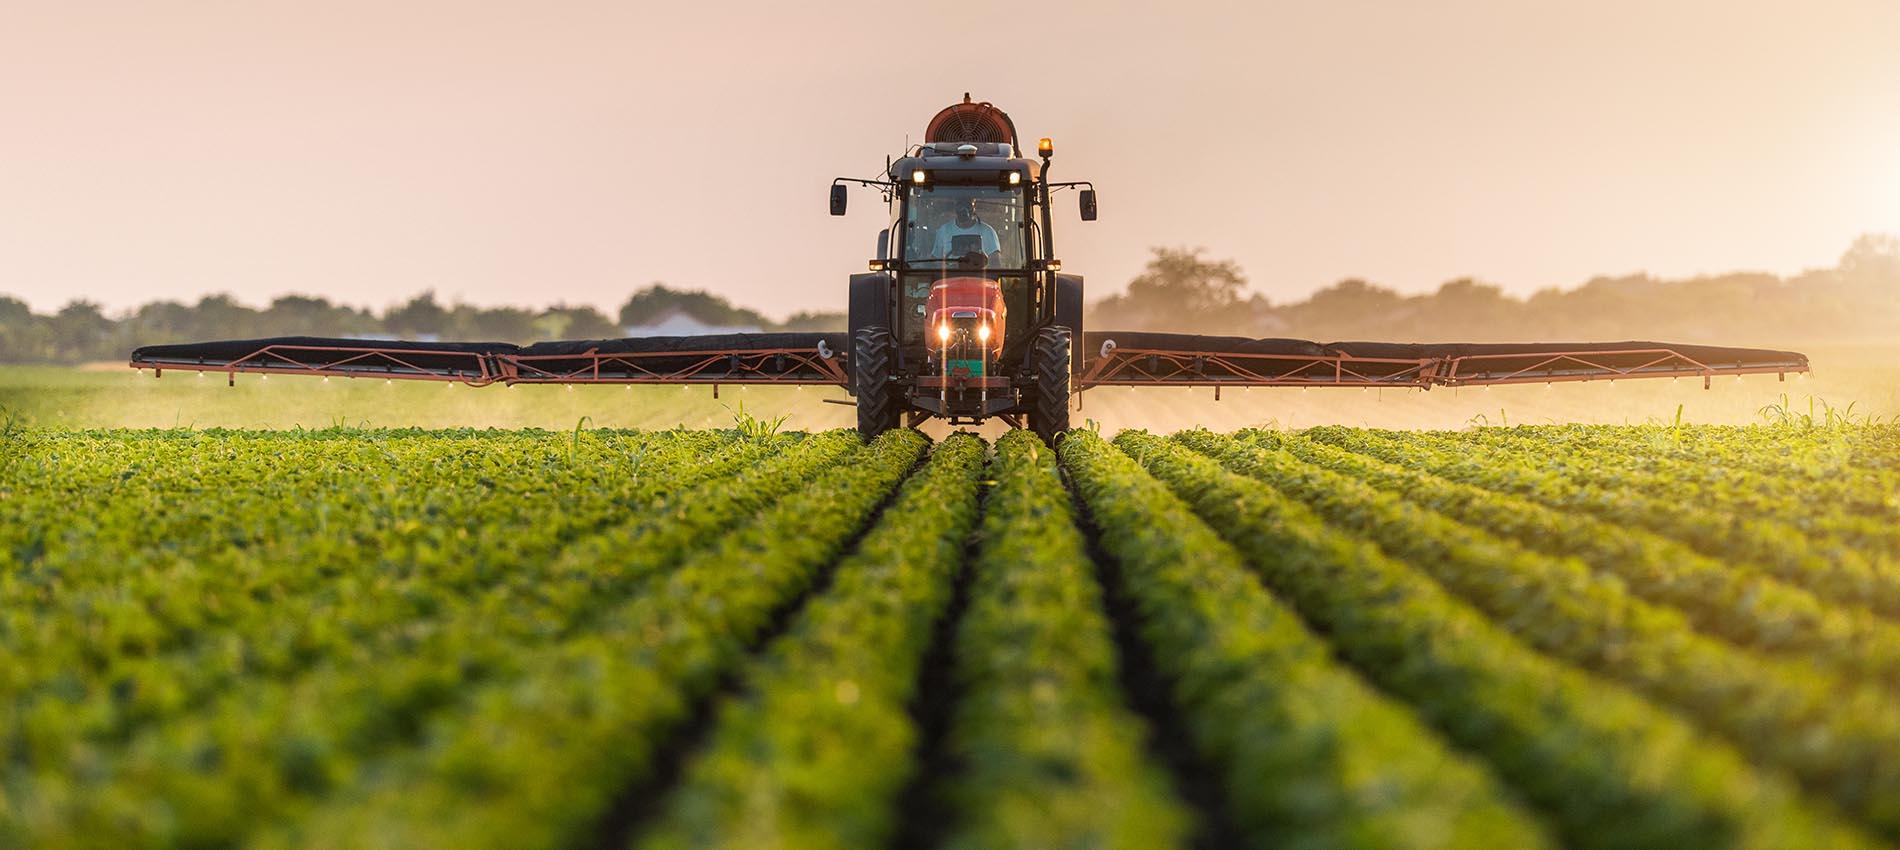 Wie pakt nu eigenlijk de winst op onze groente?